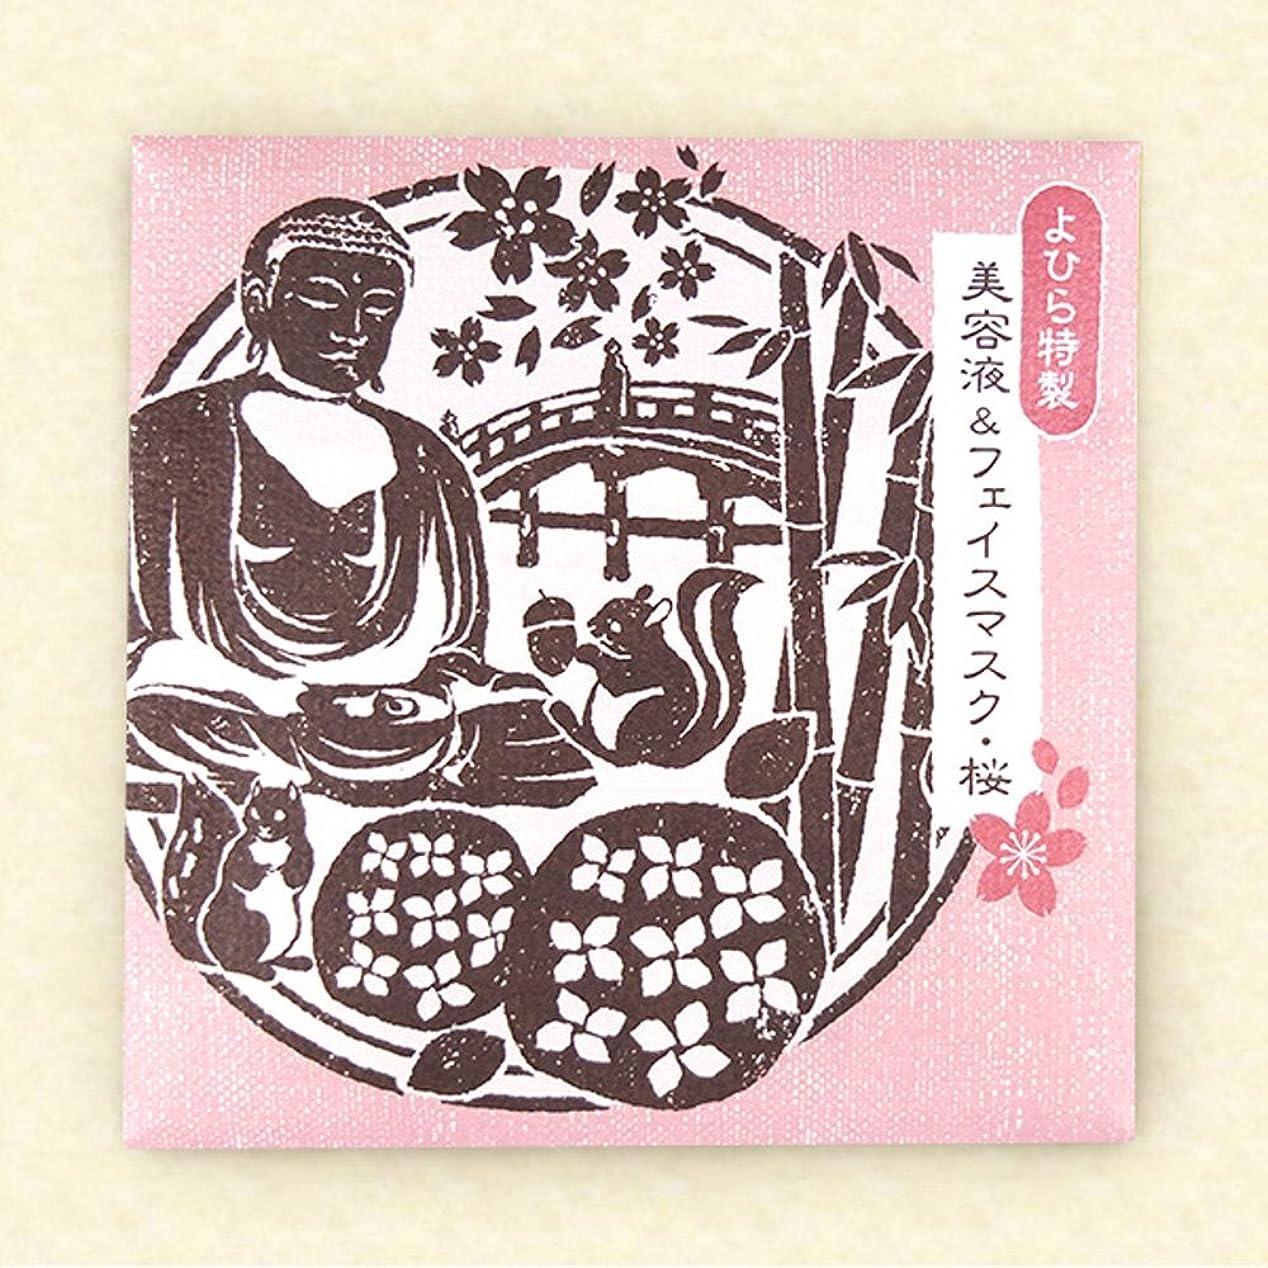 うめきマッシュ安いです木版「長谷」 桜の美容液&浸透シートマスク